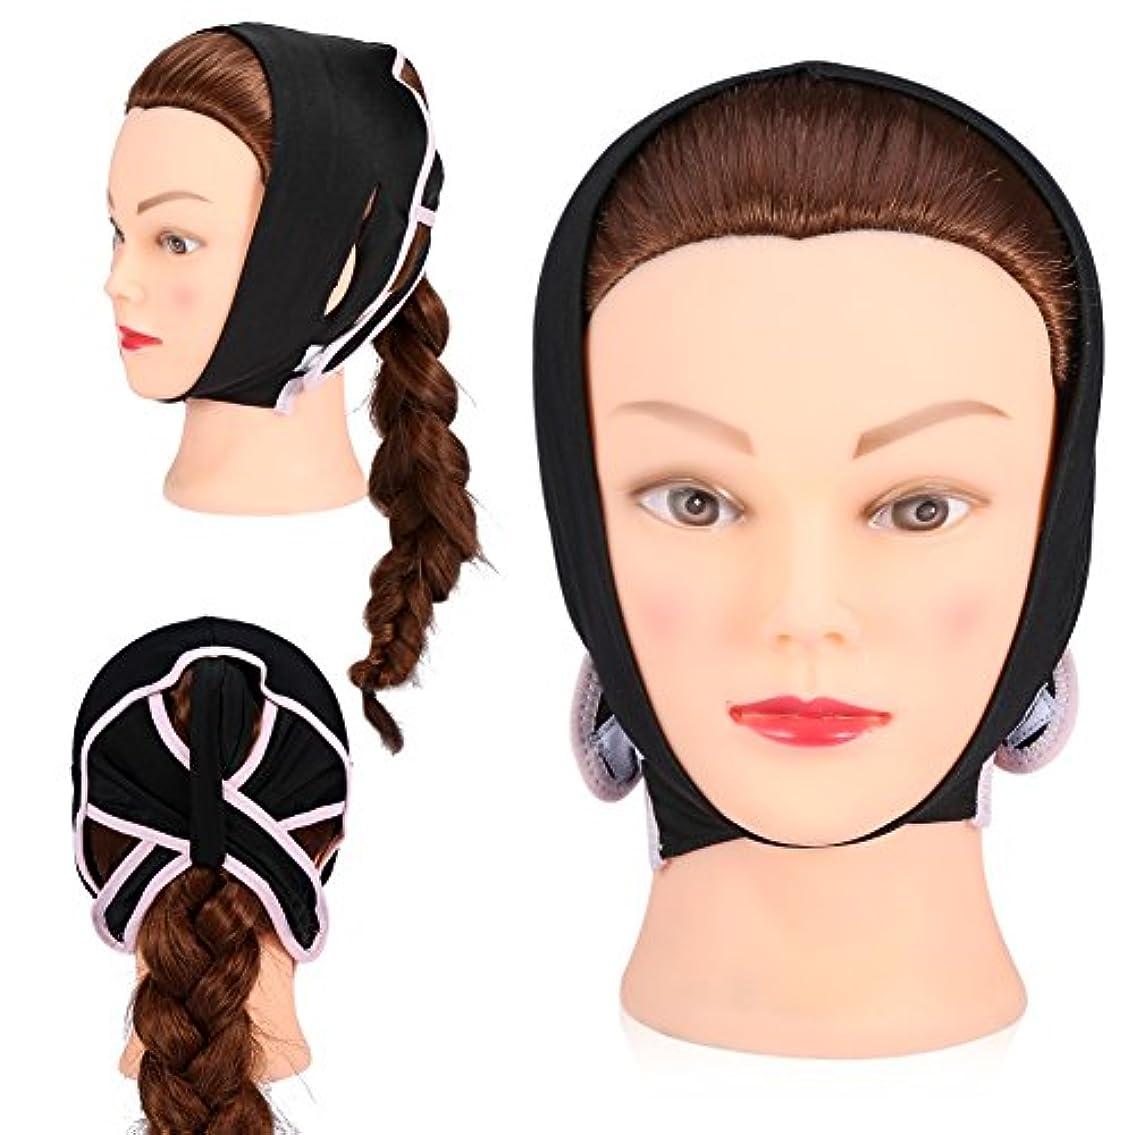 適応的変装死すべきフェイスケアのための顔面V字型包帯フェイシャルスリミングマスク薄い首のフェイスリフトダブルチン女性用、黒(L)